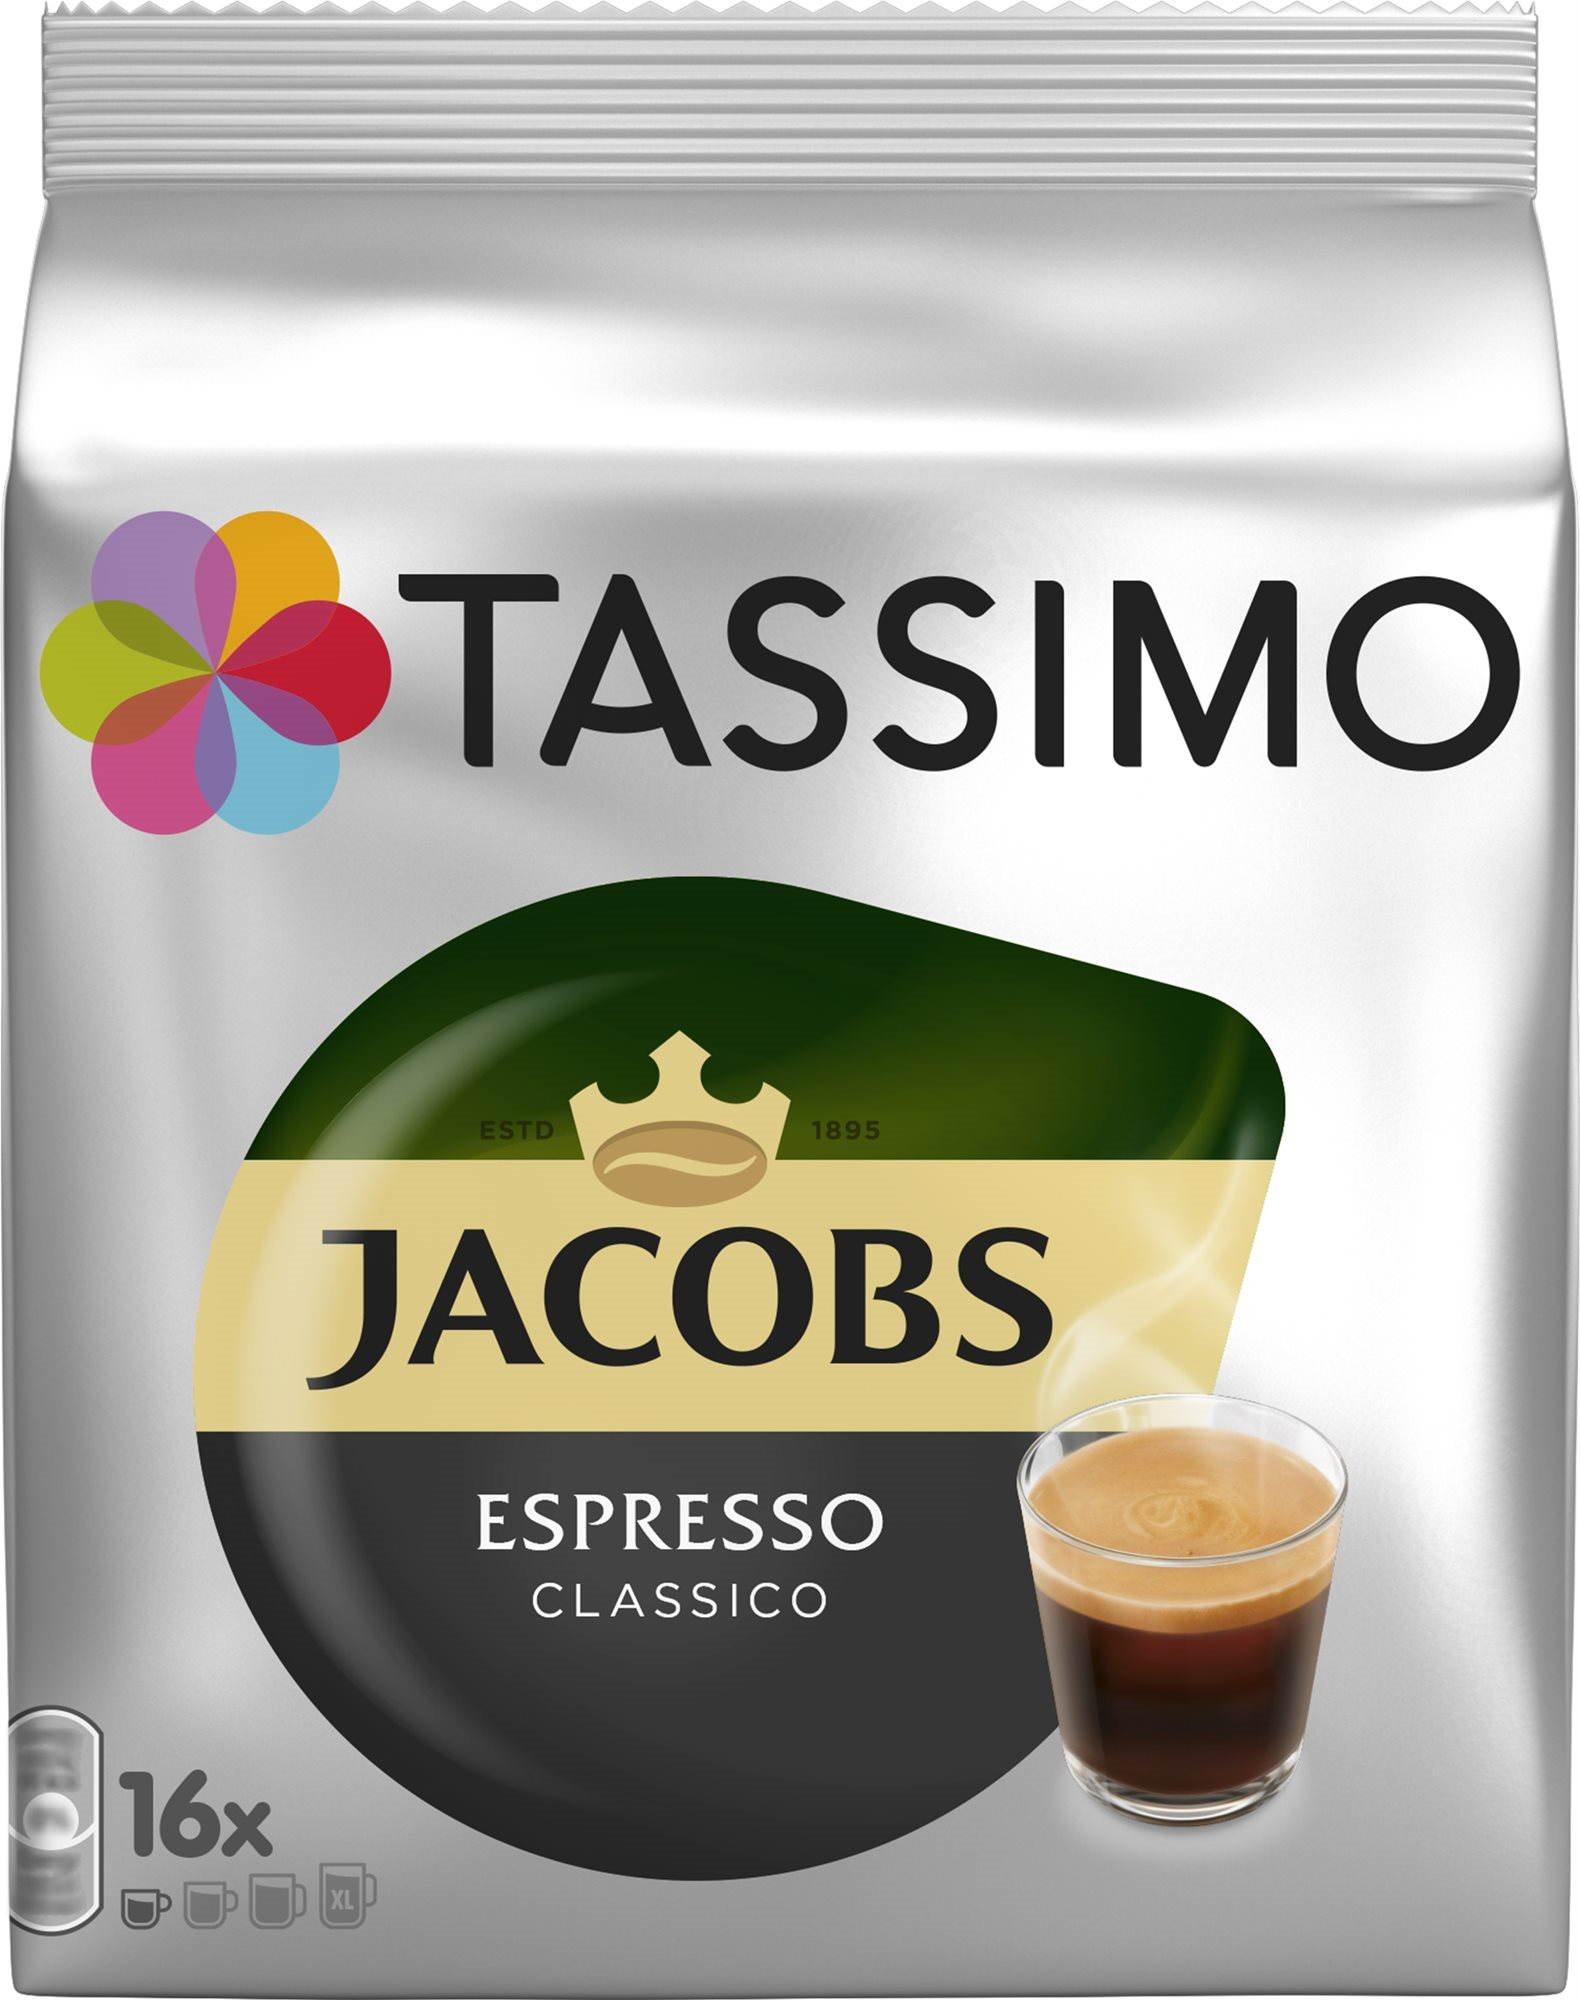 TASSIMO Jacobs Krönung Espresso 16 adag